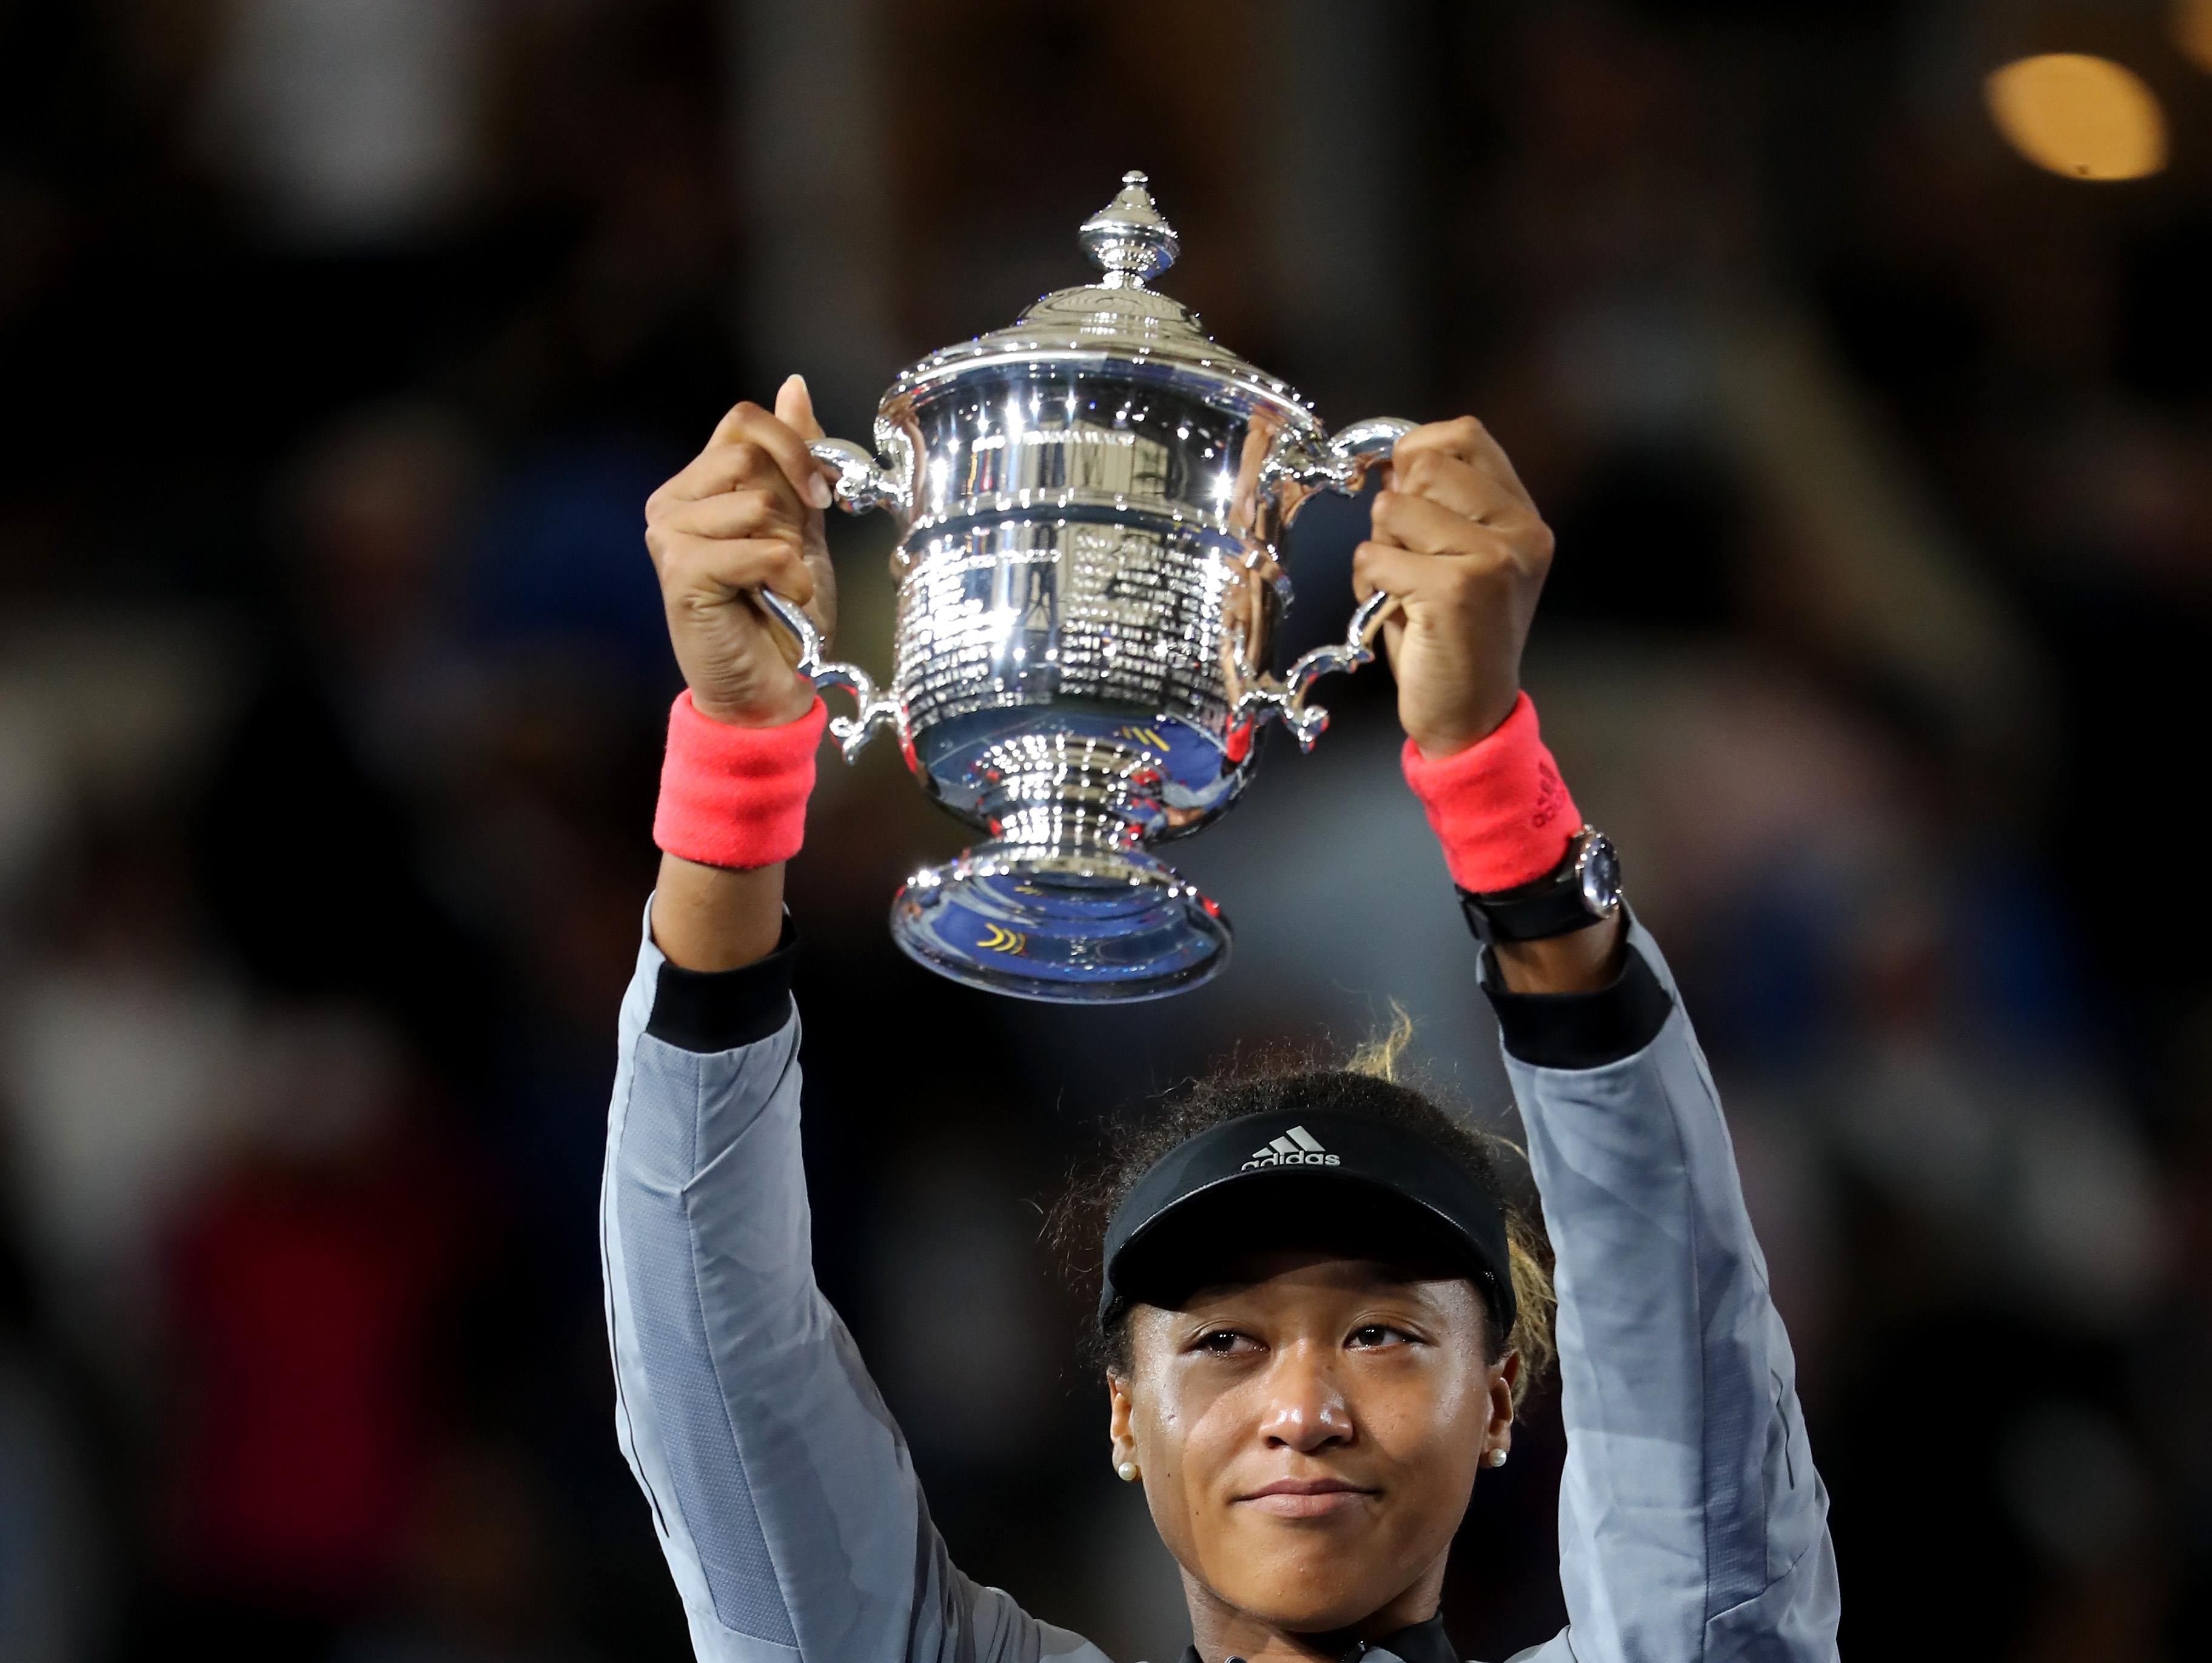 נאומי אוסקה ניצחה את סרינה וויליאמס 2:6, 4:6 וזכתה באליפות ארה